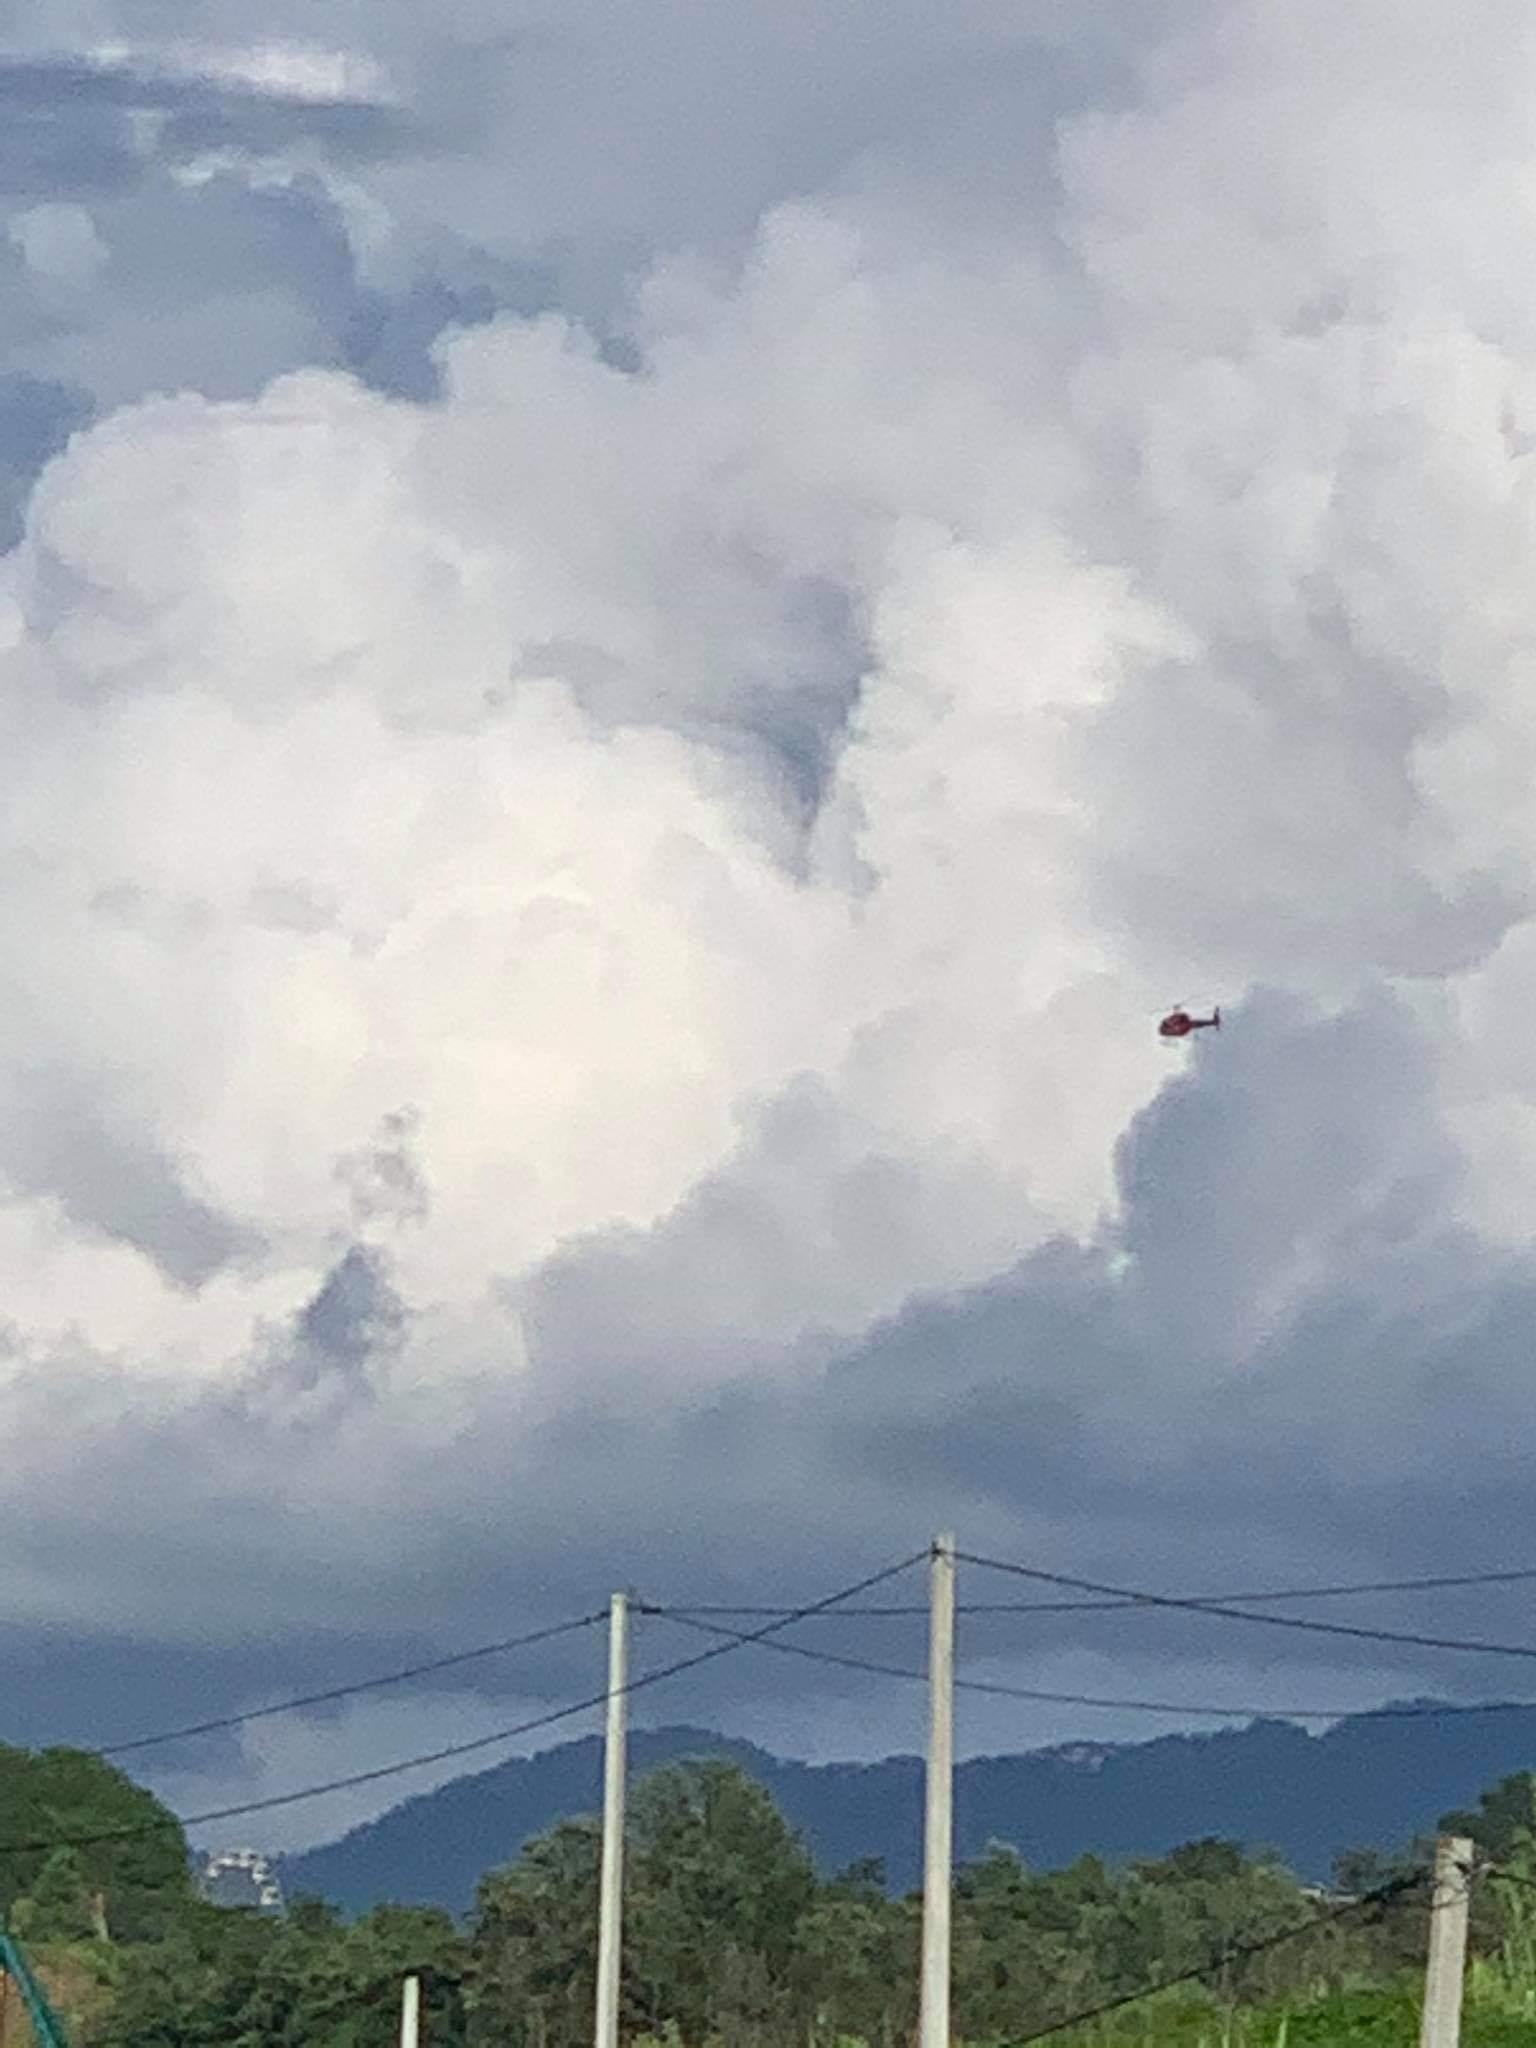 सुनसान आकाशमा उडिरहेको एक्लाे हेलिकप्टर